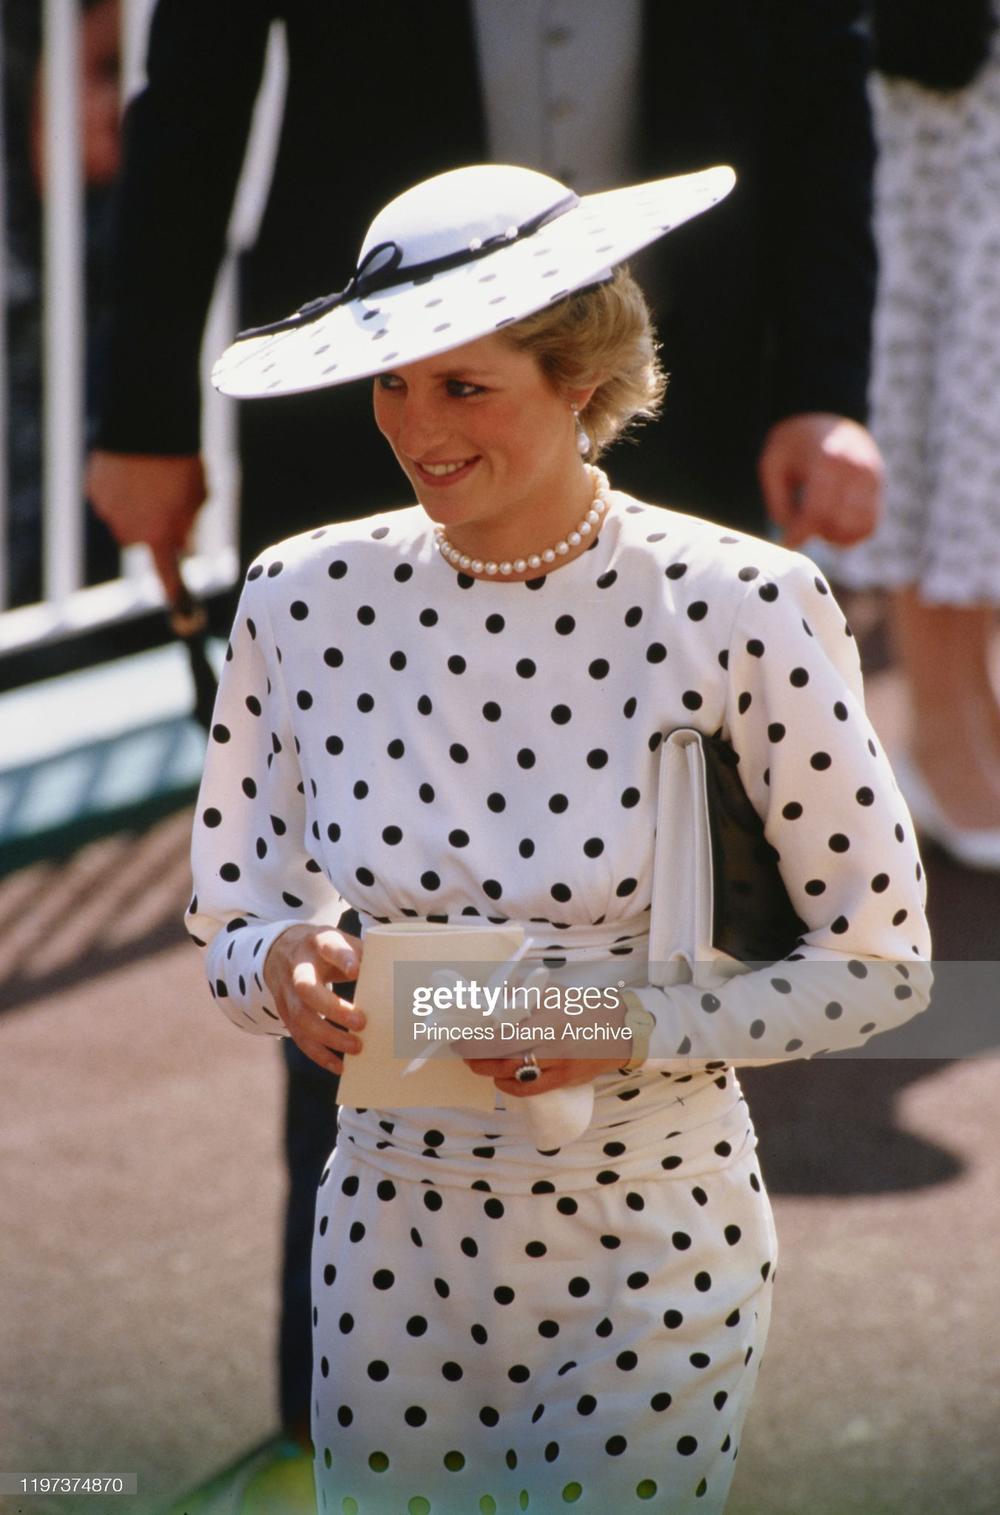 10 trang phục cho thấy Công nương Diana là fashionista đi trước thời đại Ảnh 6